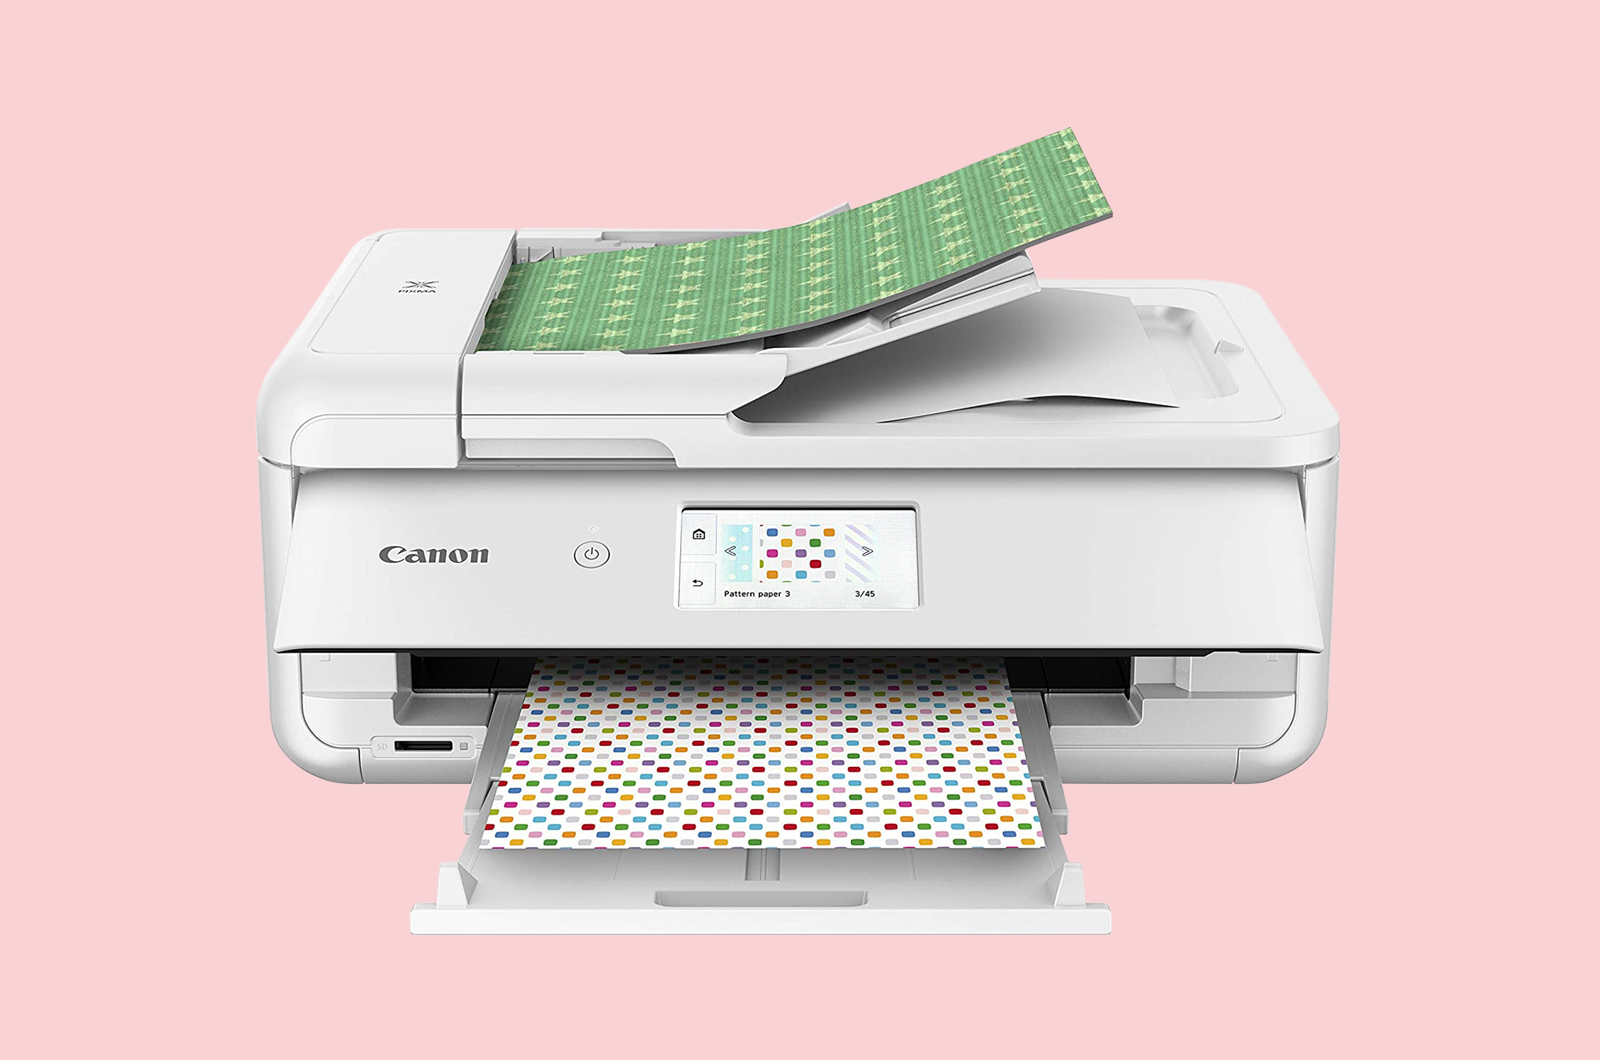 Canon TS9521C Wireless Photo Printer